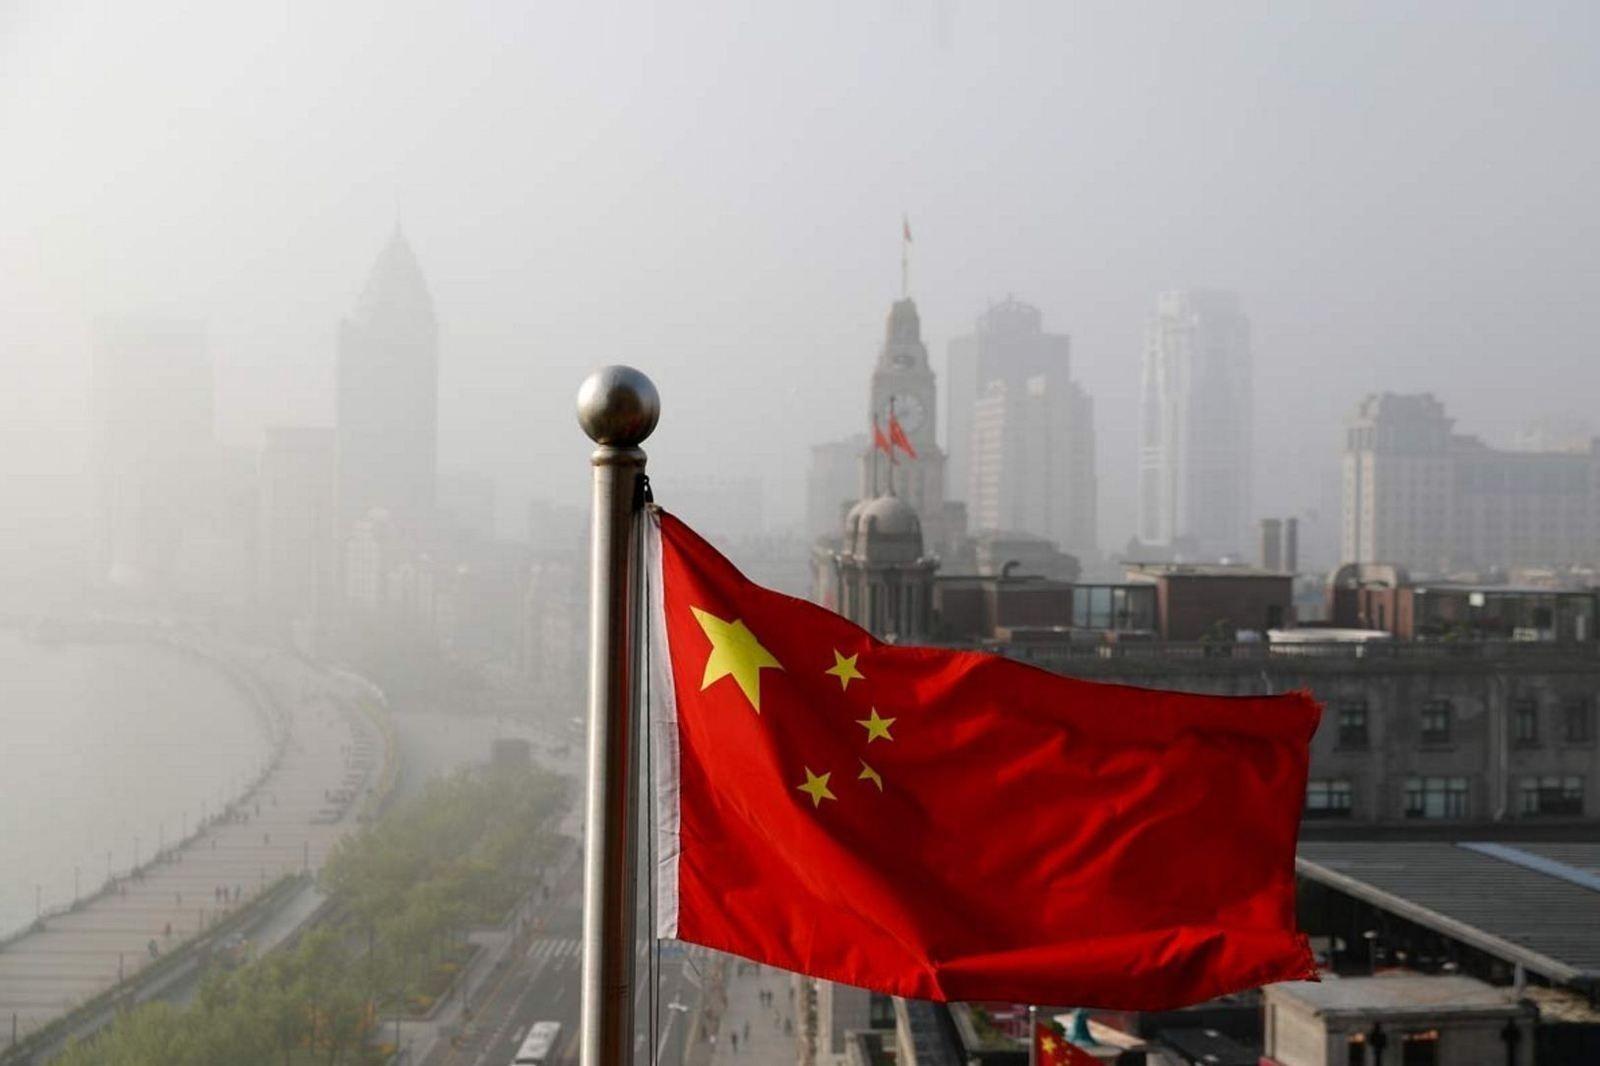 С 1 сентября Китай национализирует большие данные, собираемые всеми техгигантами в мире